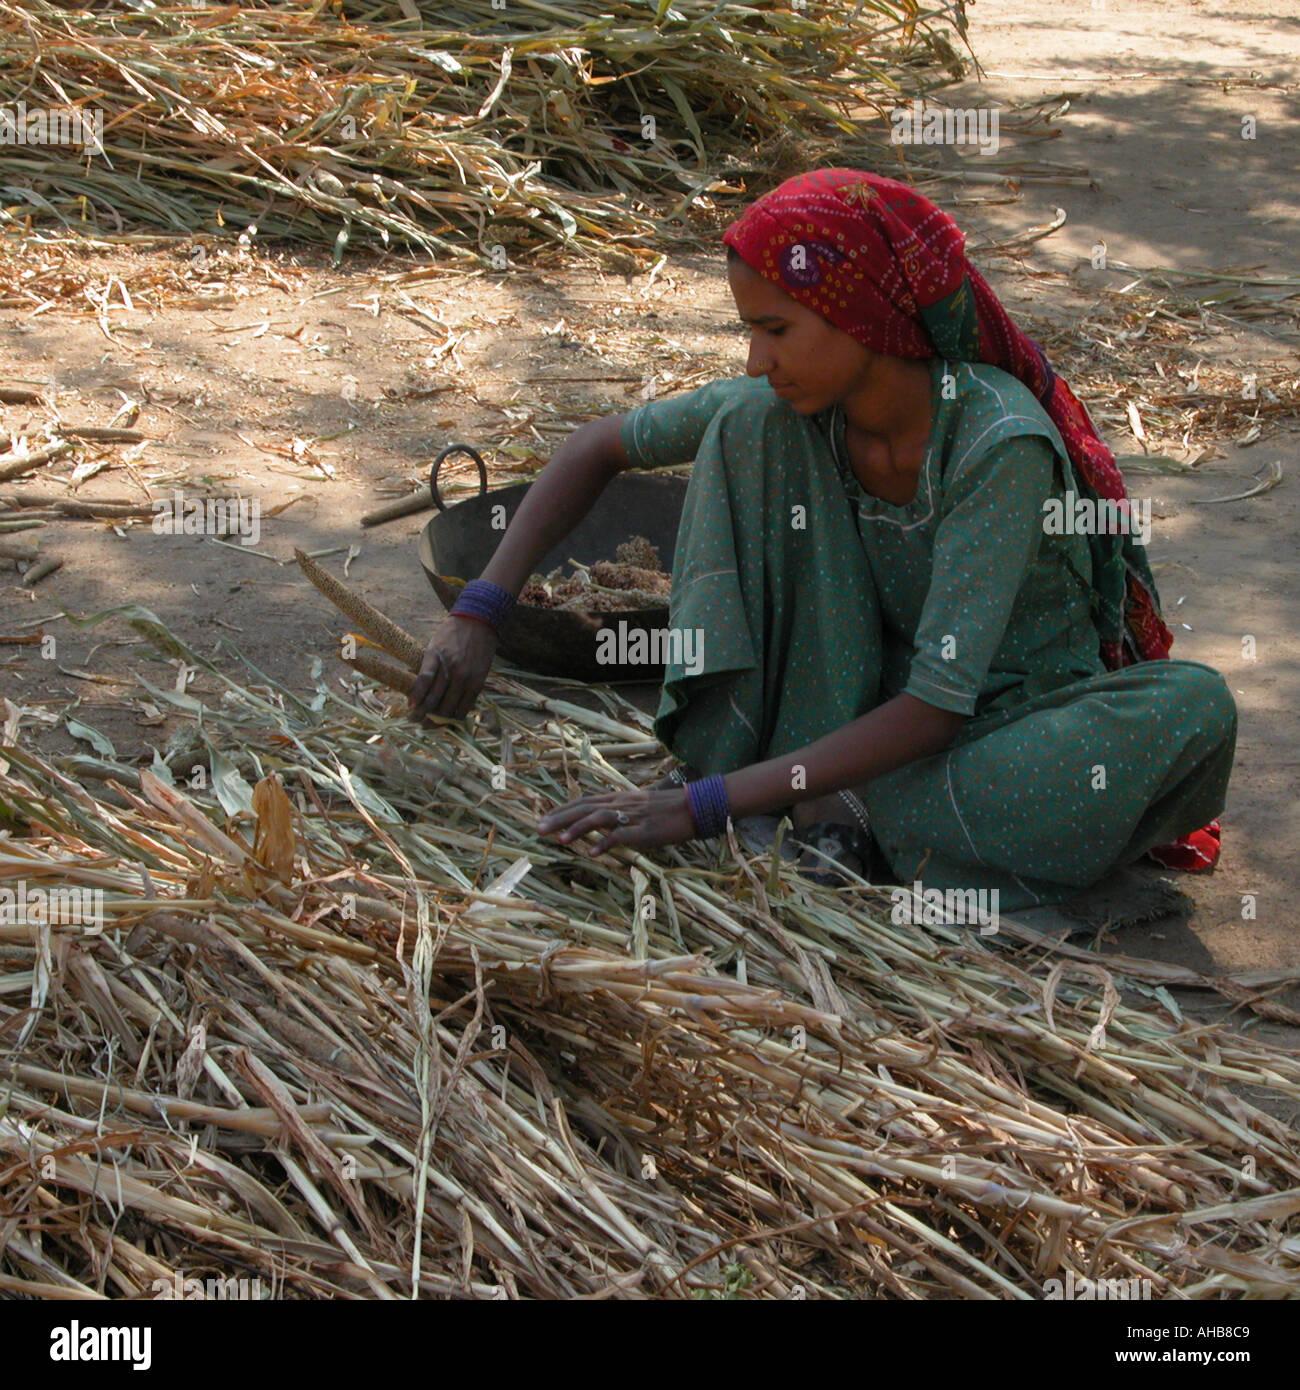 Bishnoi woman sorting bajra cobs India Rajasthan - Stock Image